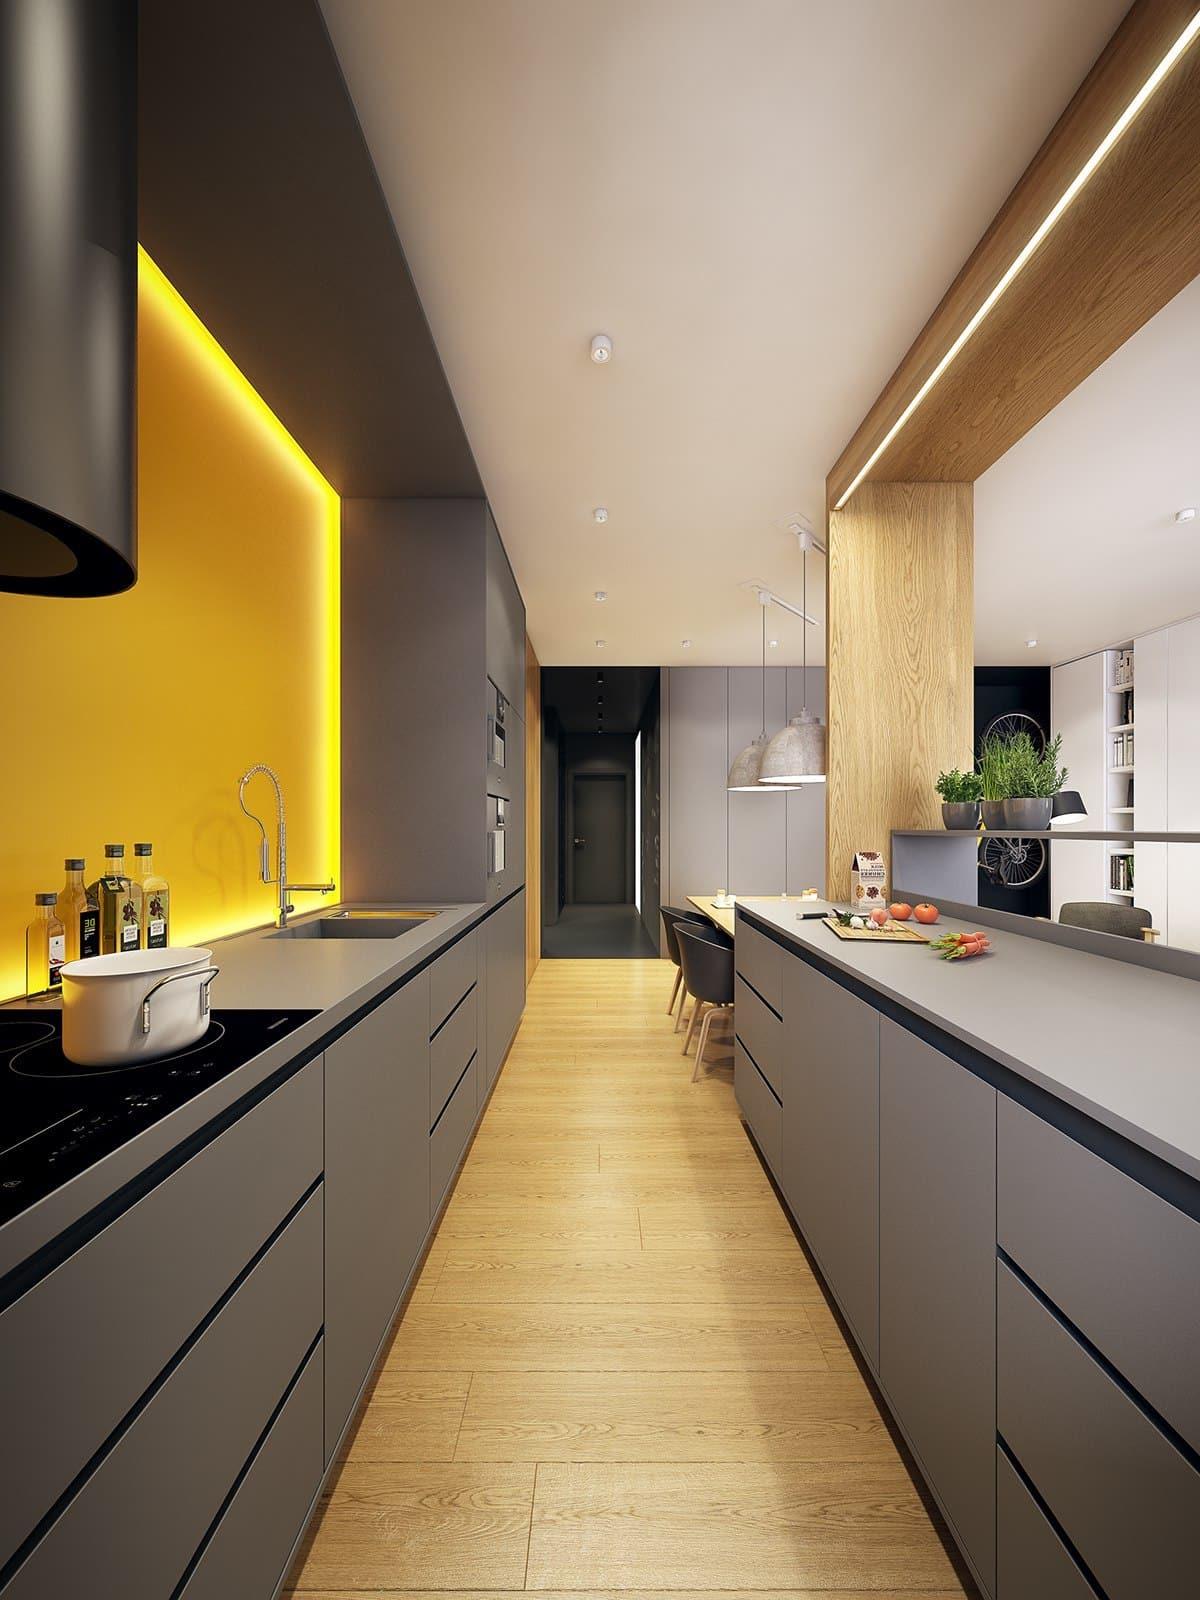 Современный дизайн узкой кухни в нежных желто-серых оттенках